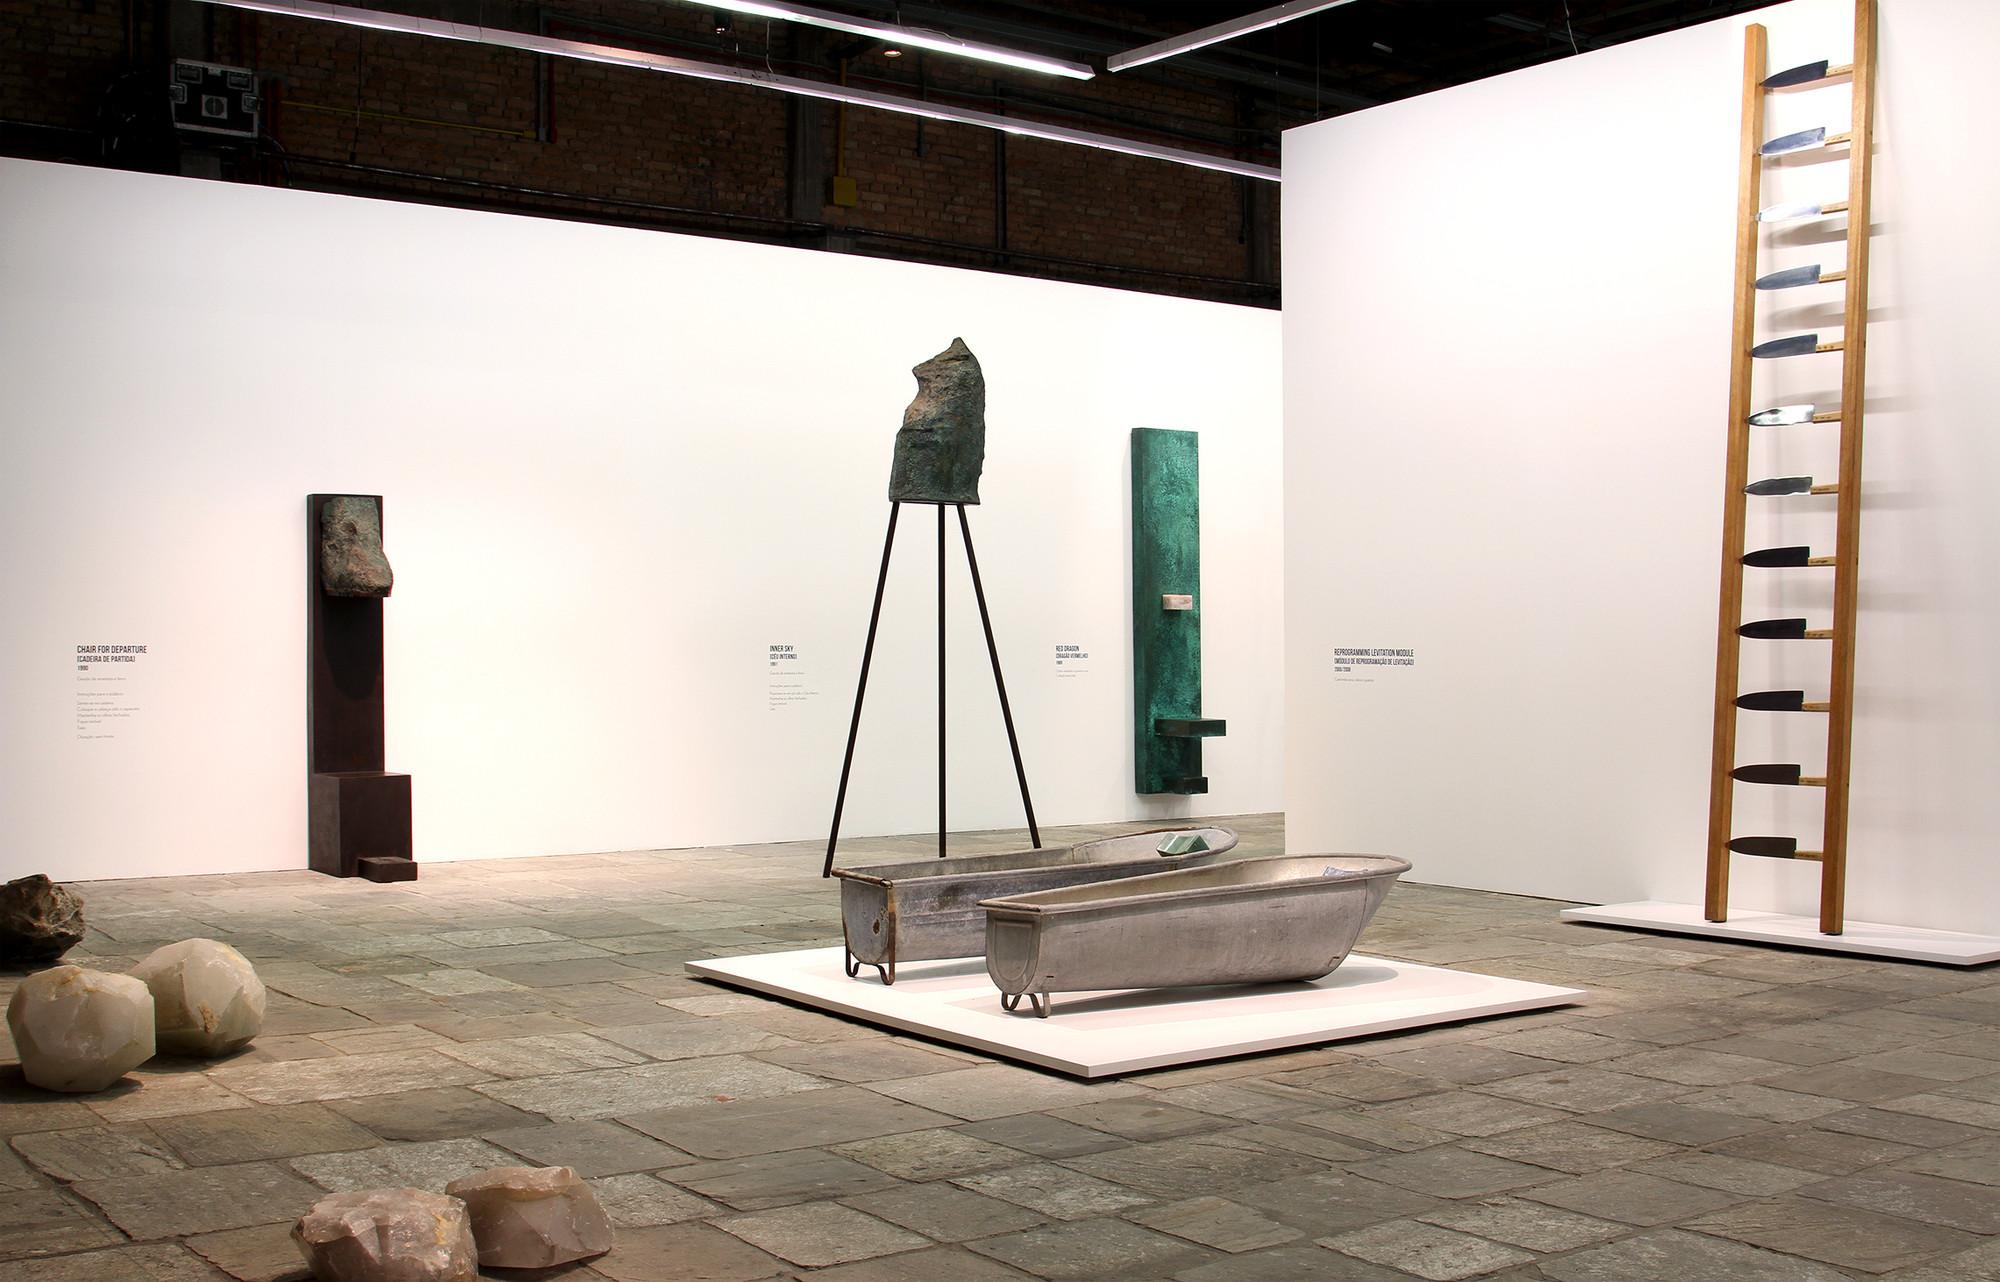 """Projeto expográfico do METRO para a exposição """"Terra Comunal"""". Na foto vemos alguns dos """"Transitory Objects"""" de Marina Abramović . Image © Romullo Baratto"""